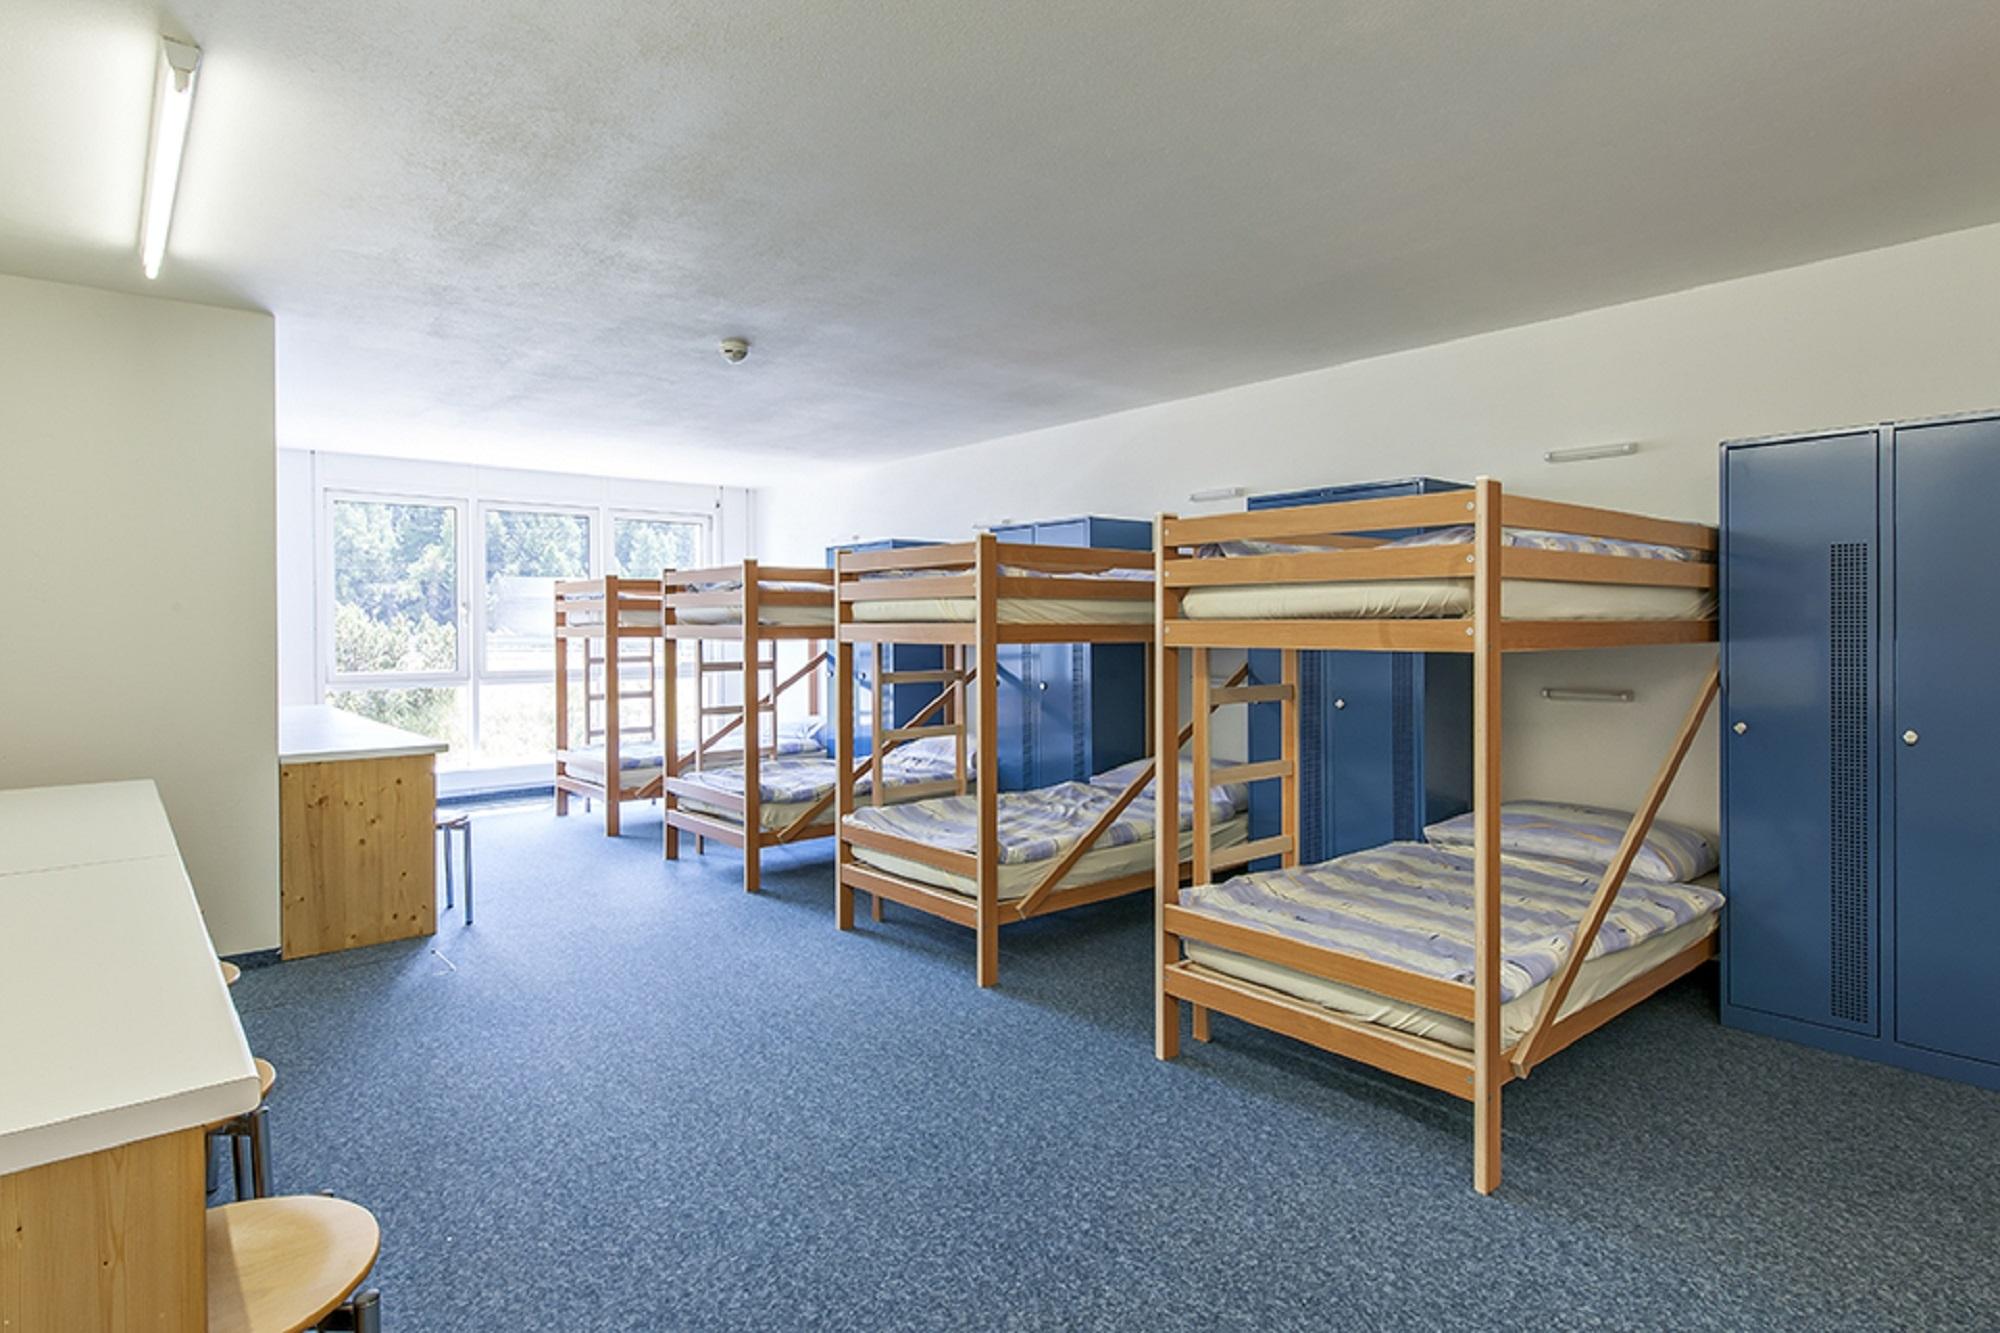 All In One Hotel Inn Lodge Slide 3